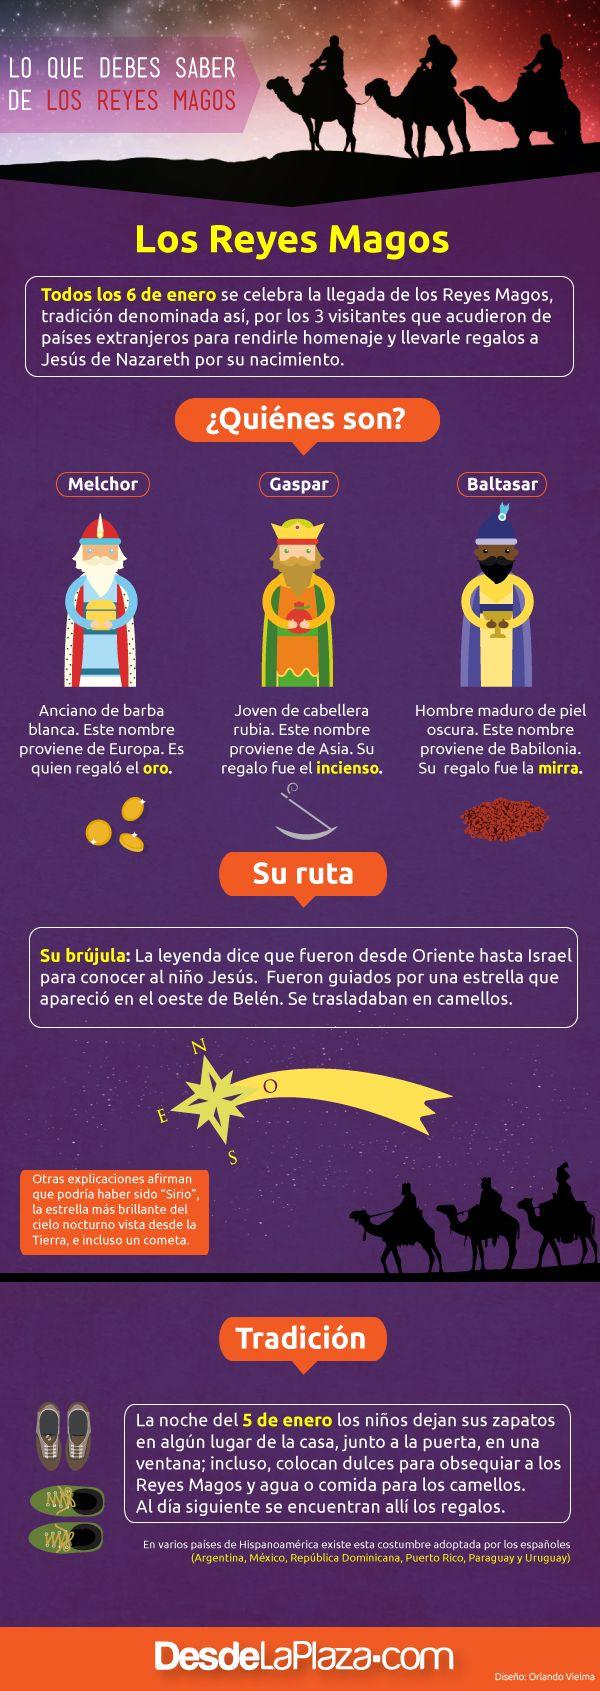 Cada seis de enero se celebra el día de los Reyes Magos: Melchor, Gaspar y Baltasar. Esta es parte de la historia de esta tradición cristiana.